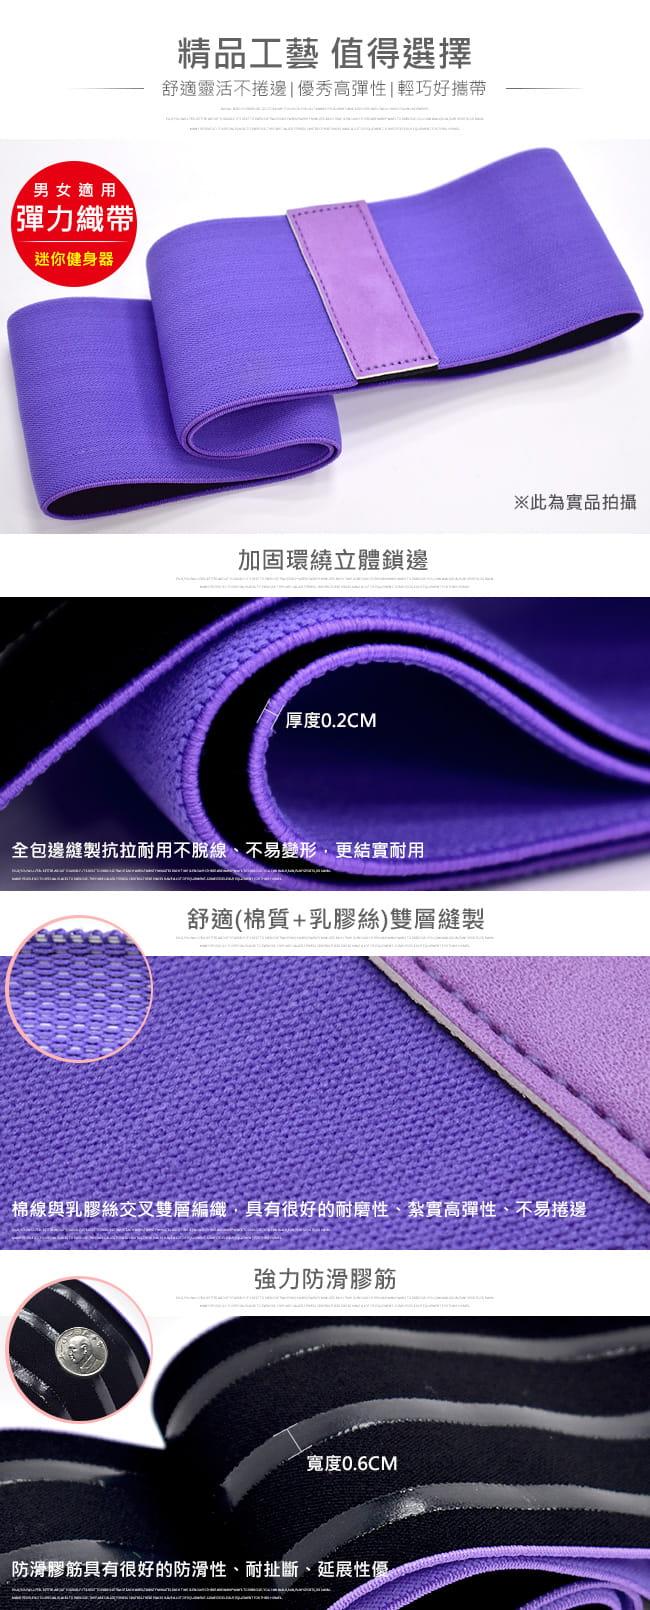 棉質防滑環狀彈力帶(加厚不捲邊) 翹臀圈乳膠阻力繩拉筋阻力帶 9